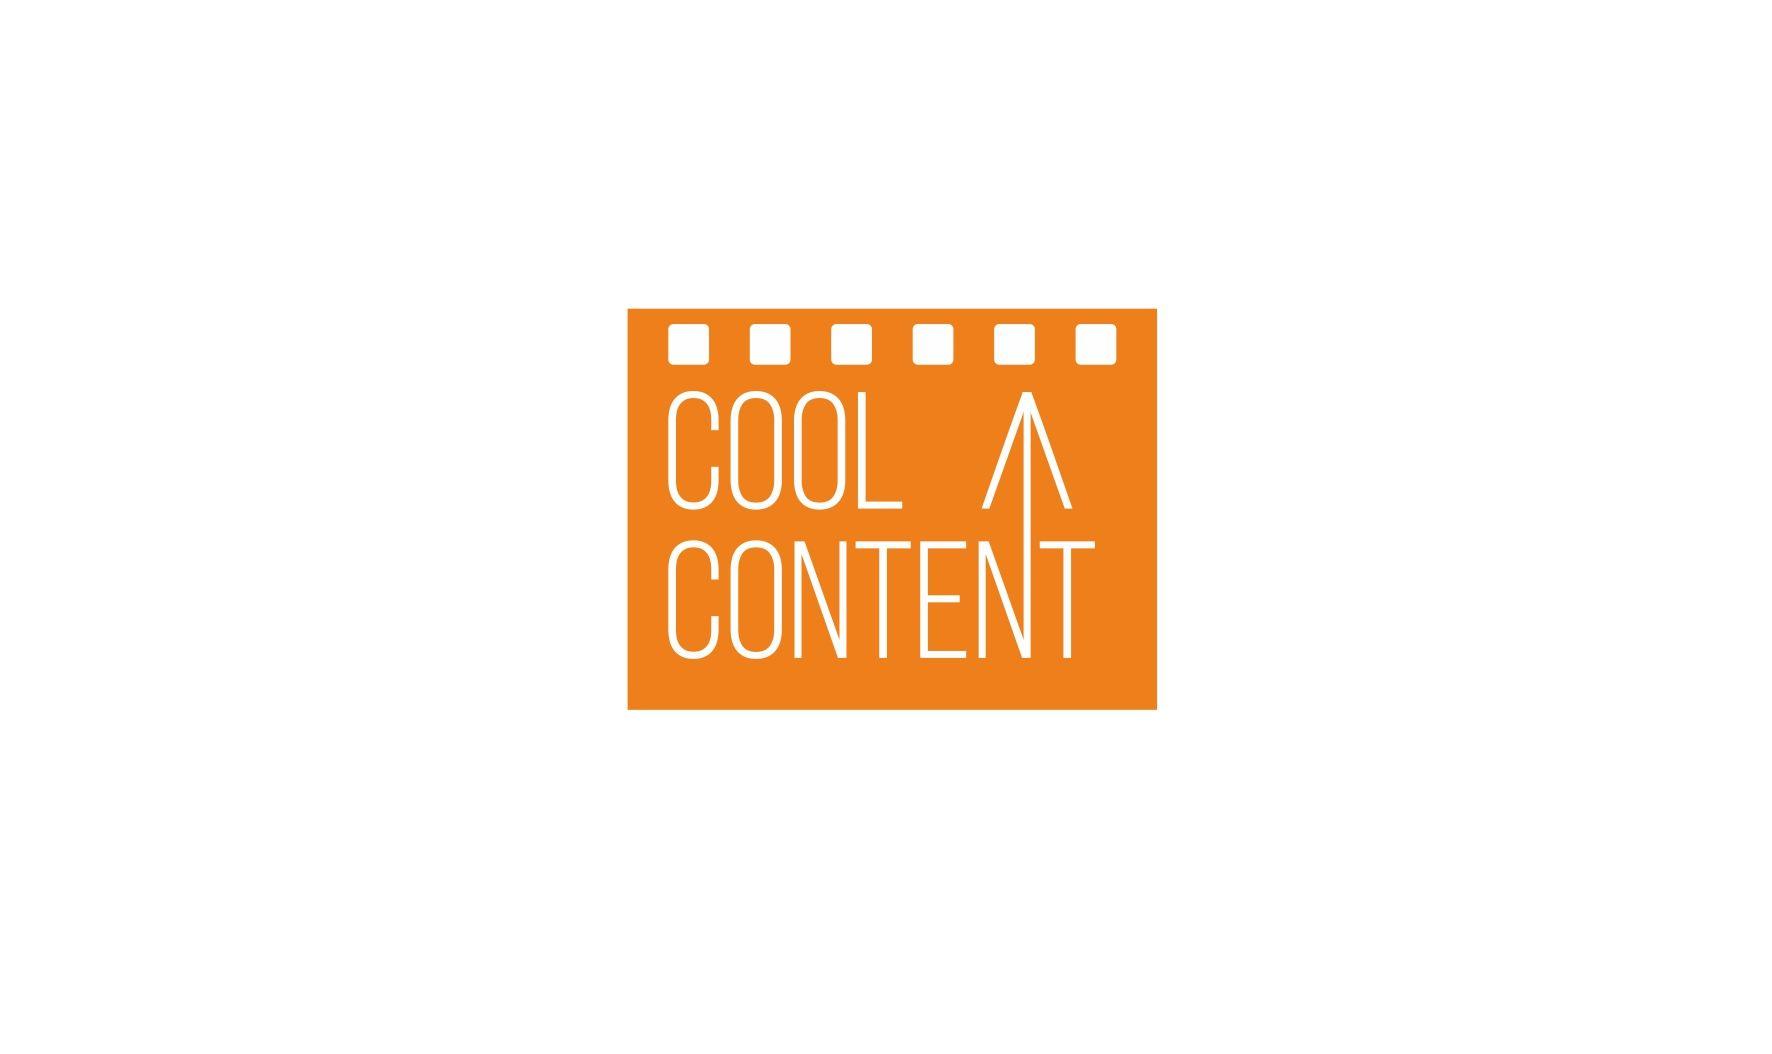 Лого для агентства Cool Content - дизайнер Bes55ter